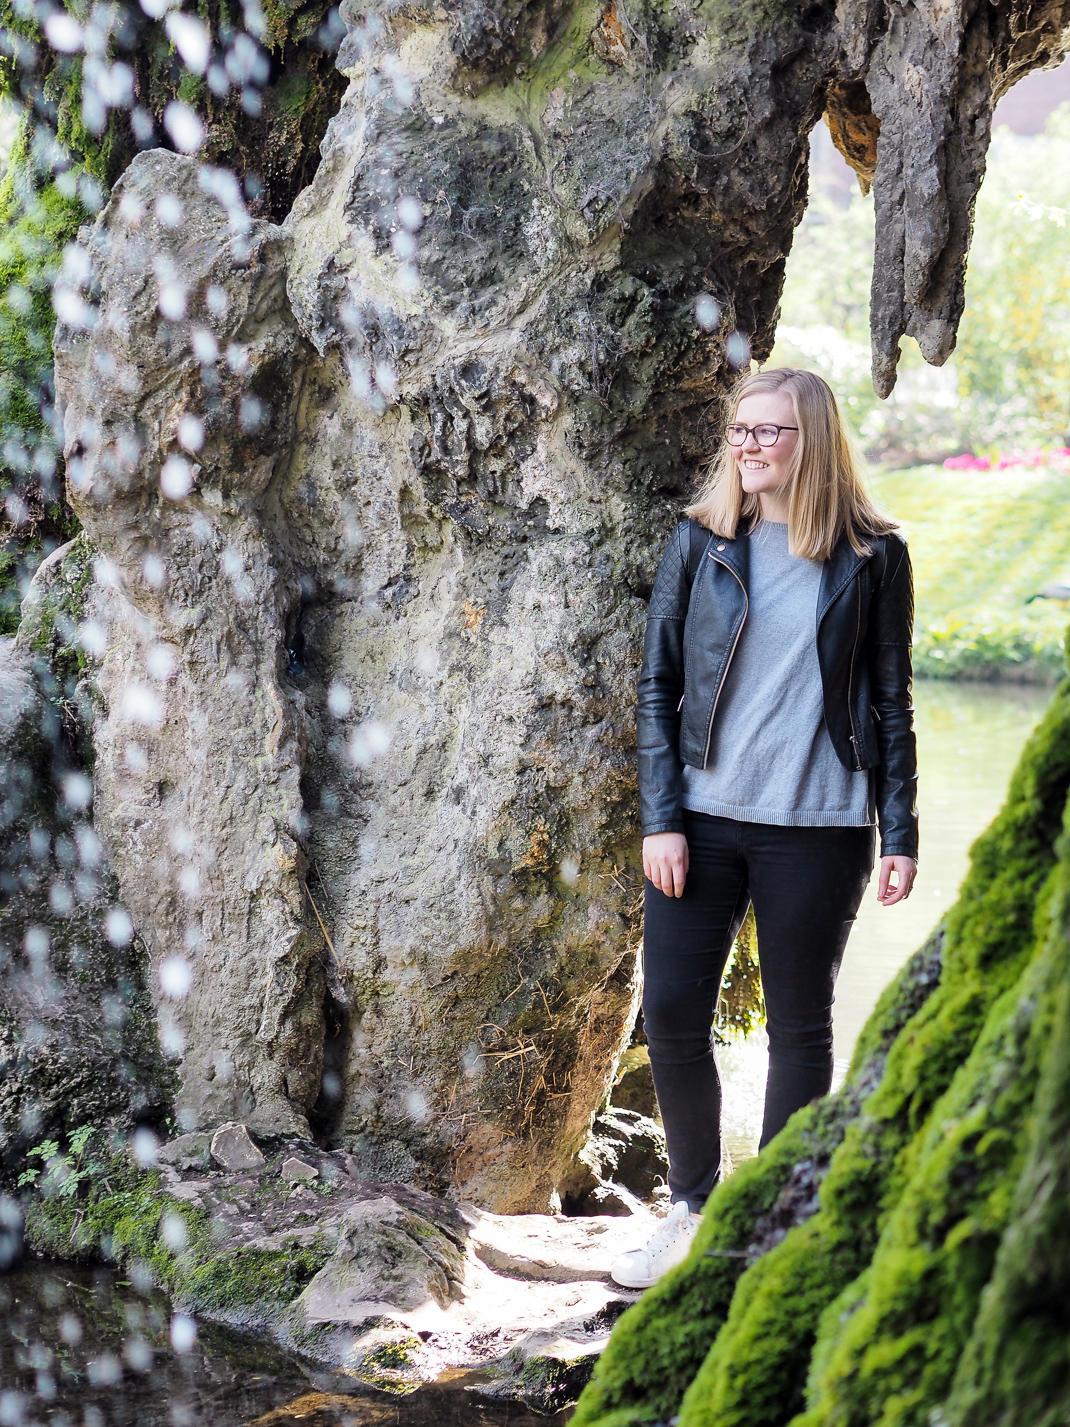 jardin vaubin grotto and waterfall